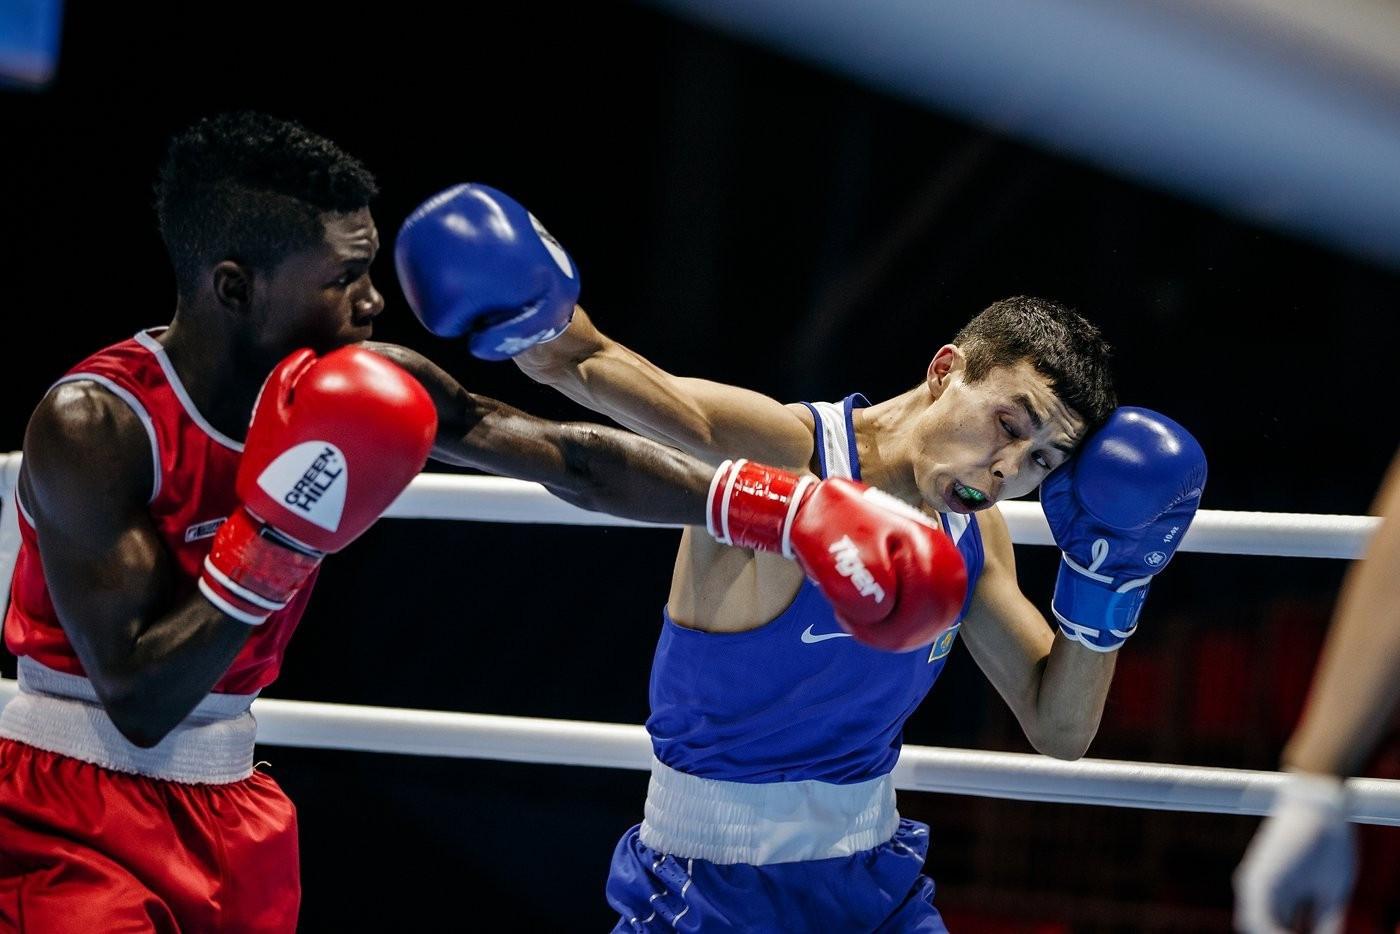 Боксер Сакен Бибосынов успешно стартовал в отборе на Олимпиаду-2020